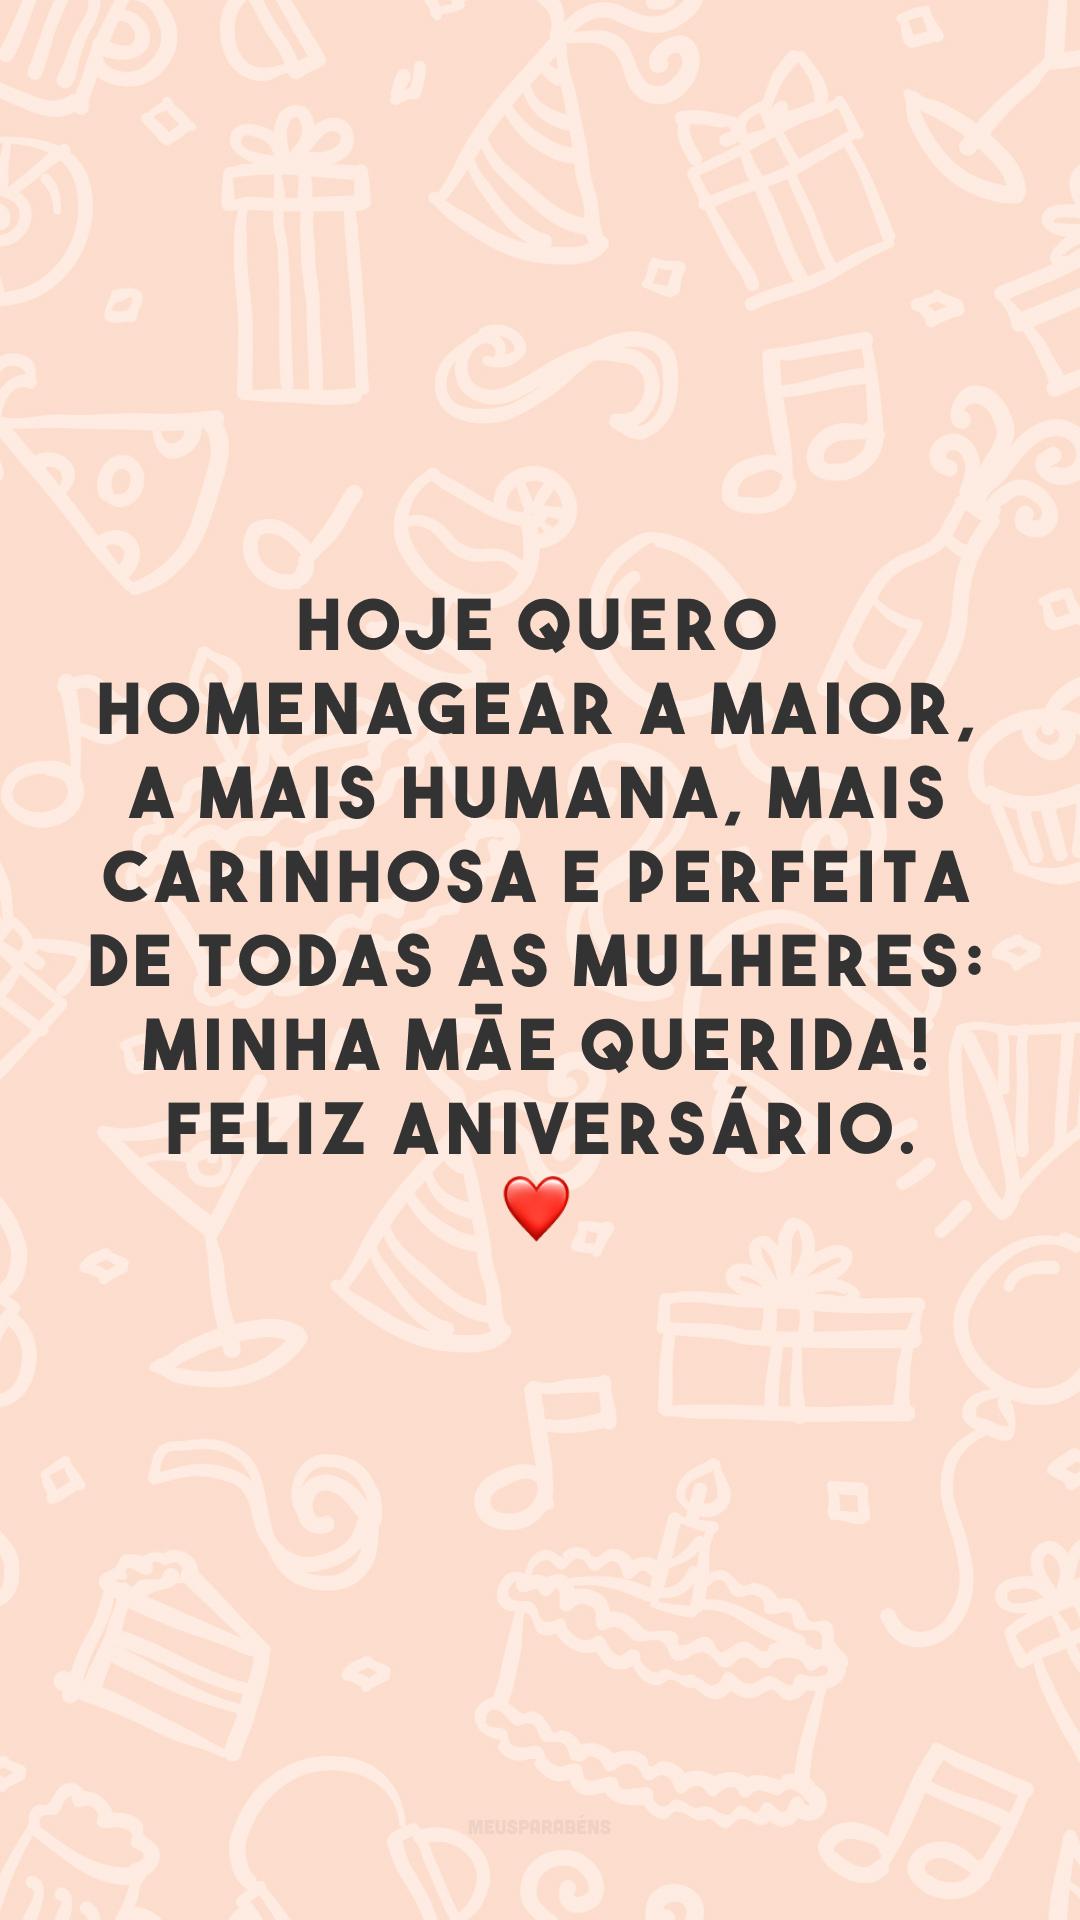 Hoje quero homenagear a maior, a mais humana, mais carinhosa e perfeita de todas as mulheres: minha mãe querida! Feliz aniversário. ❤️